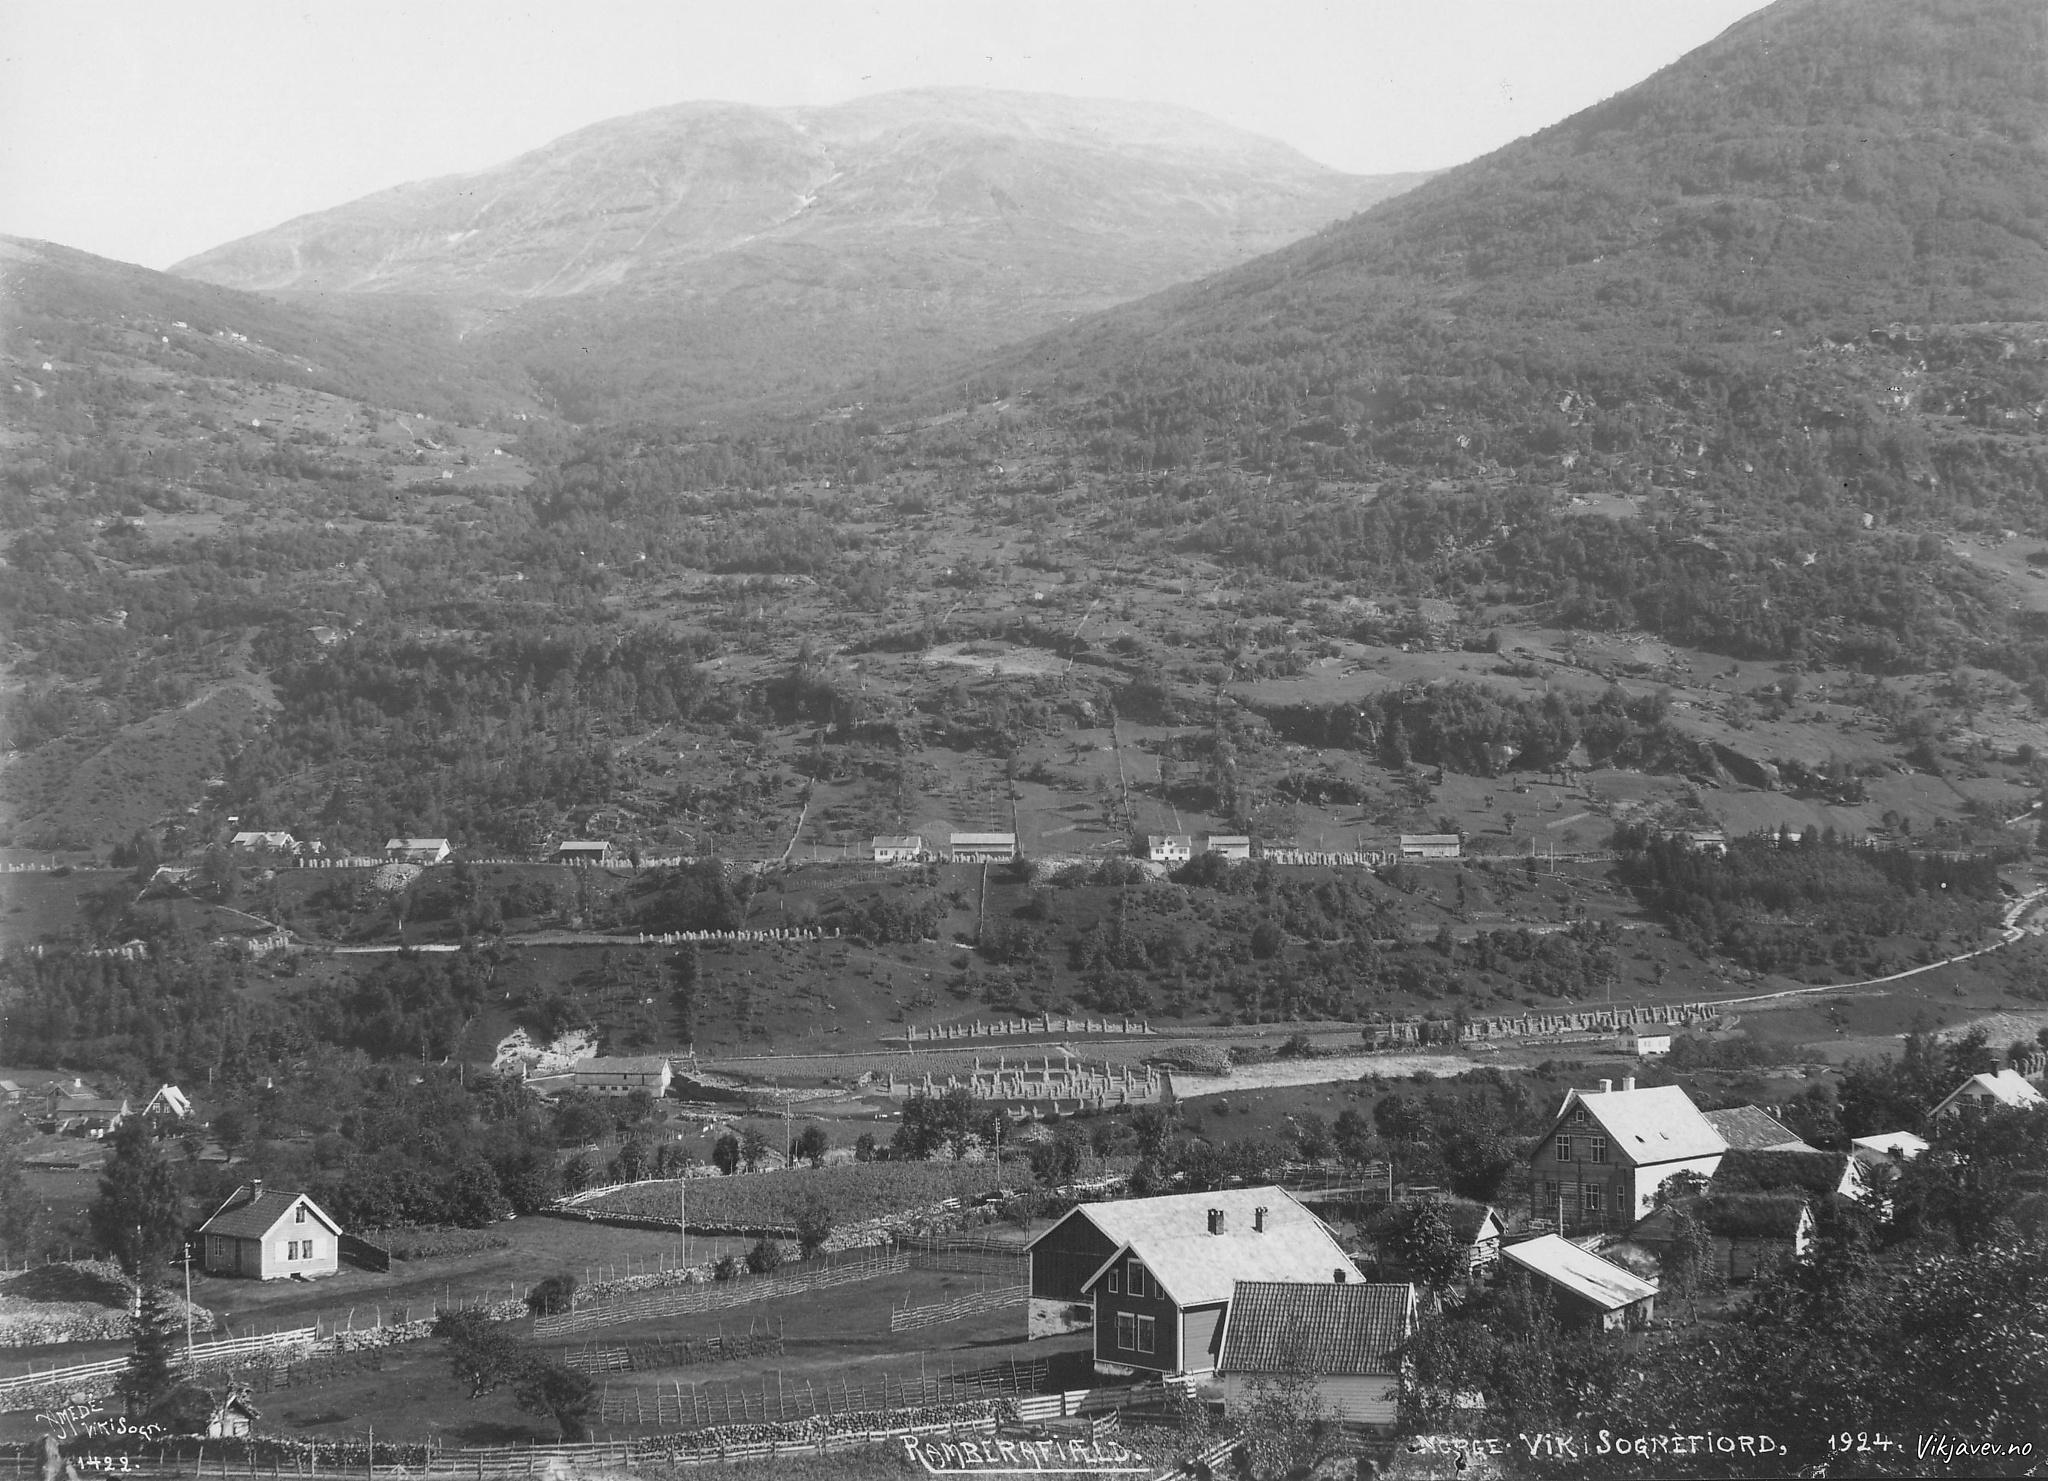 Hove 1924